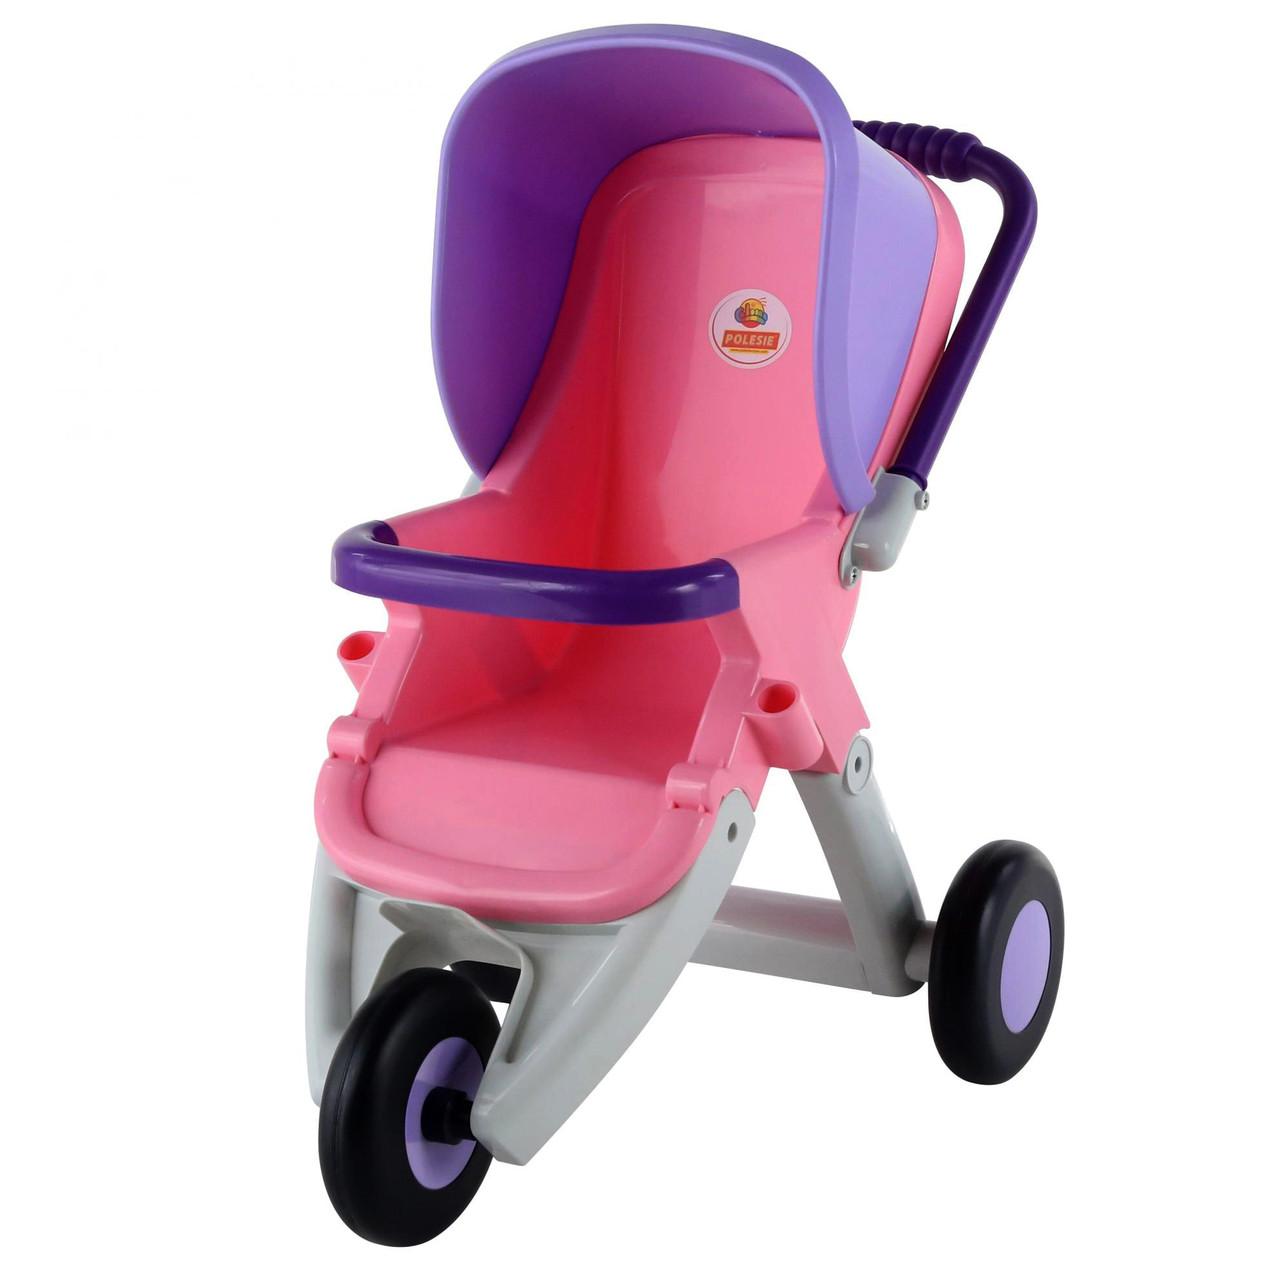 Коляска прогулочная для кукол 3-х колёсная розово-фиолетовая, «Coloma Y Pastor» (48127)